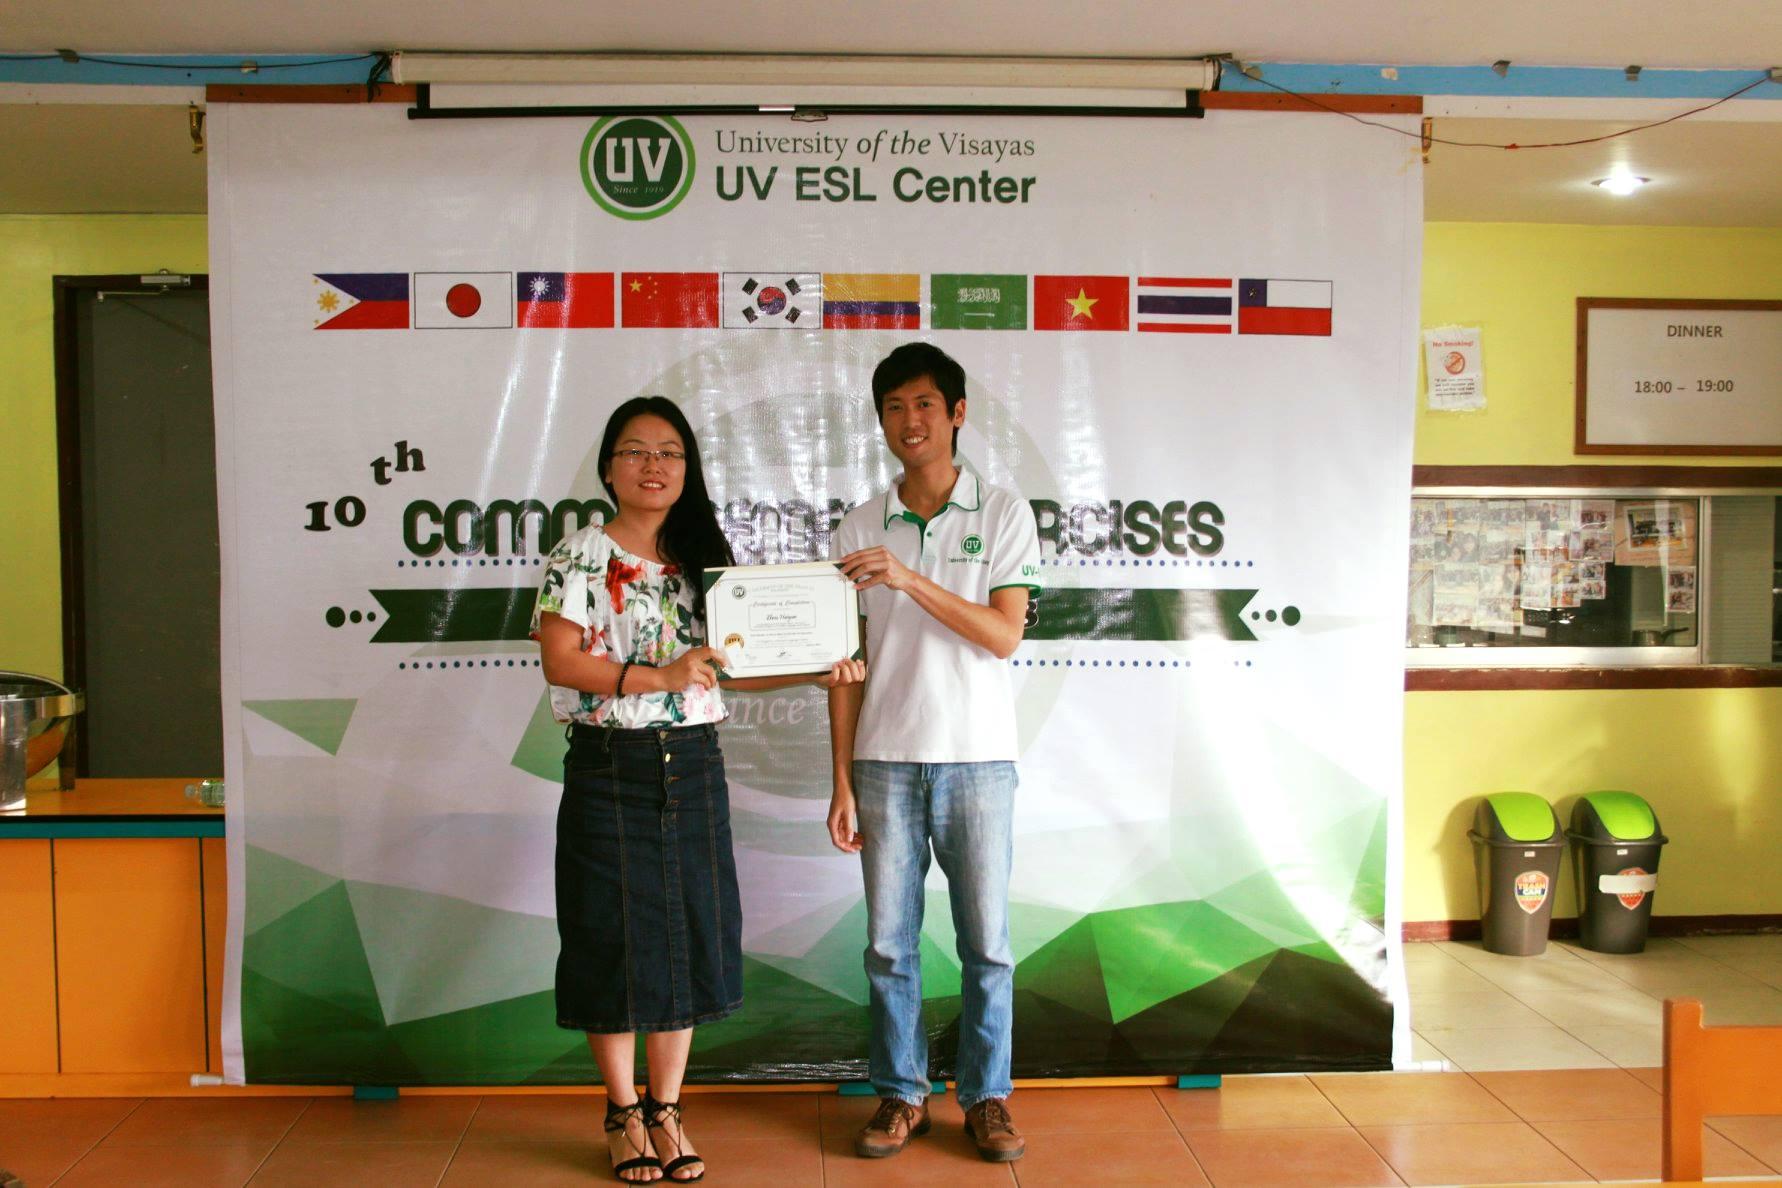 Phân tích khóa học tiếng Anh thương mại tại UVESL